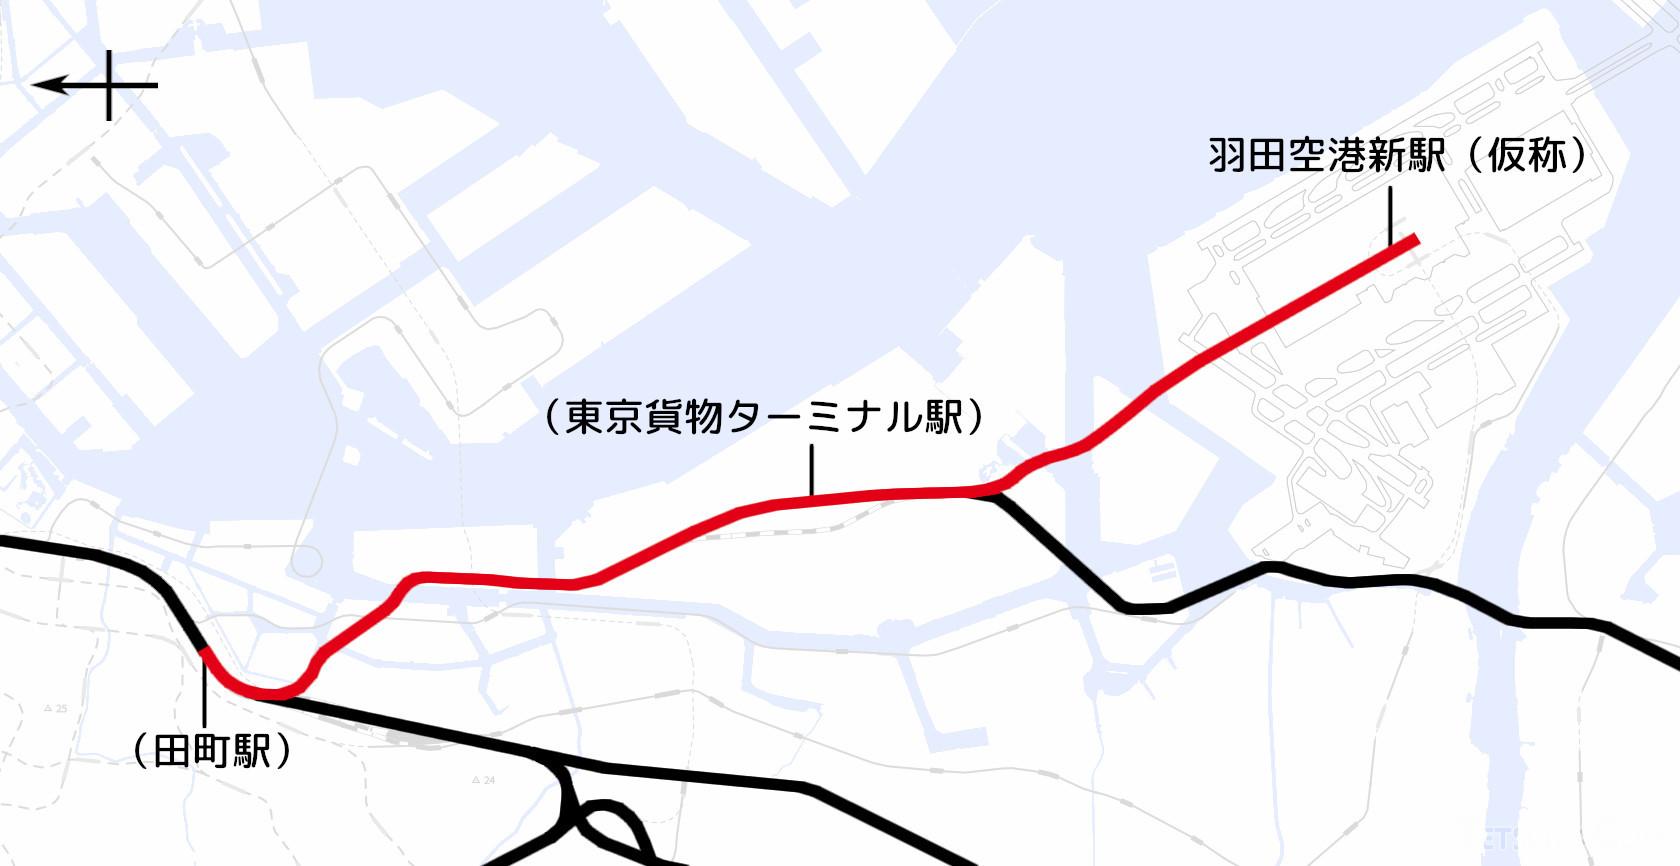 羽田空港アクセス線の計画区間(国土地理院「地理院地図Vector」の淡色地図に加筆)